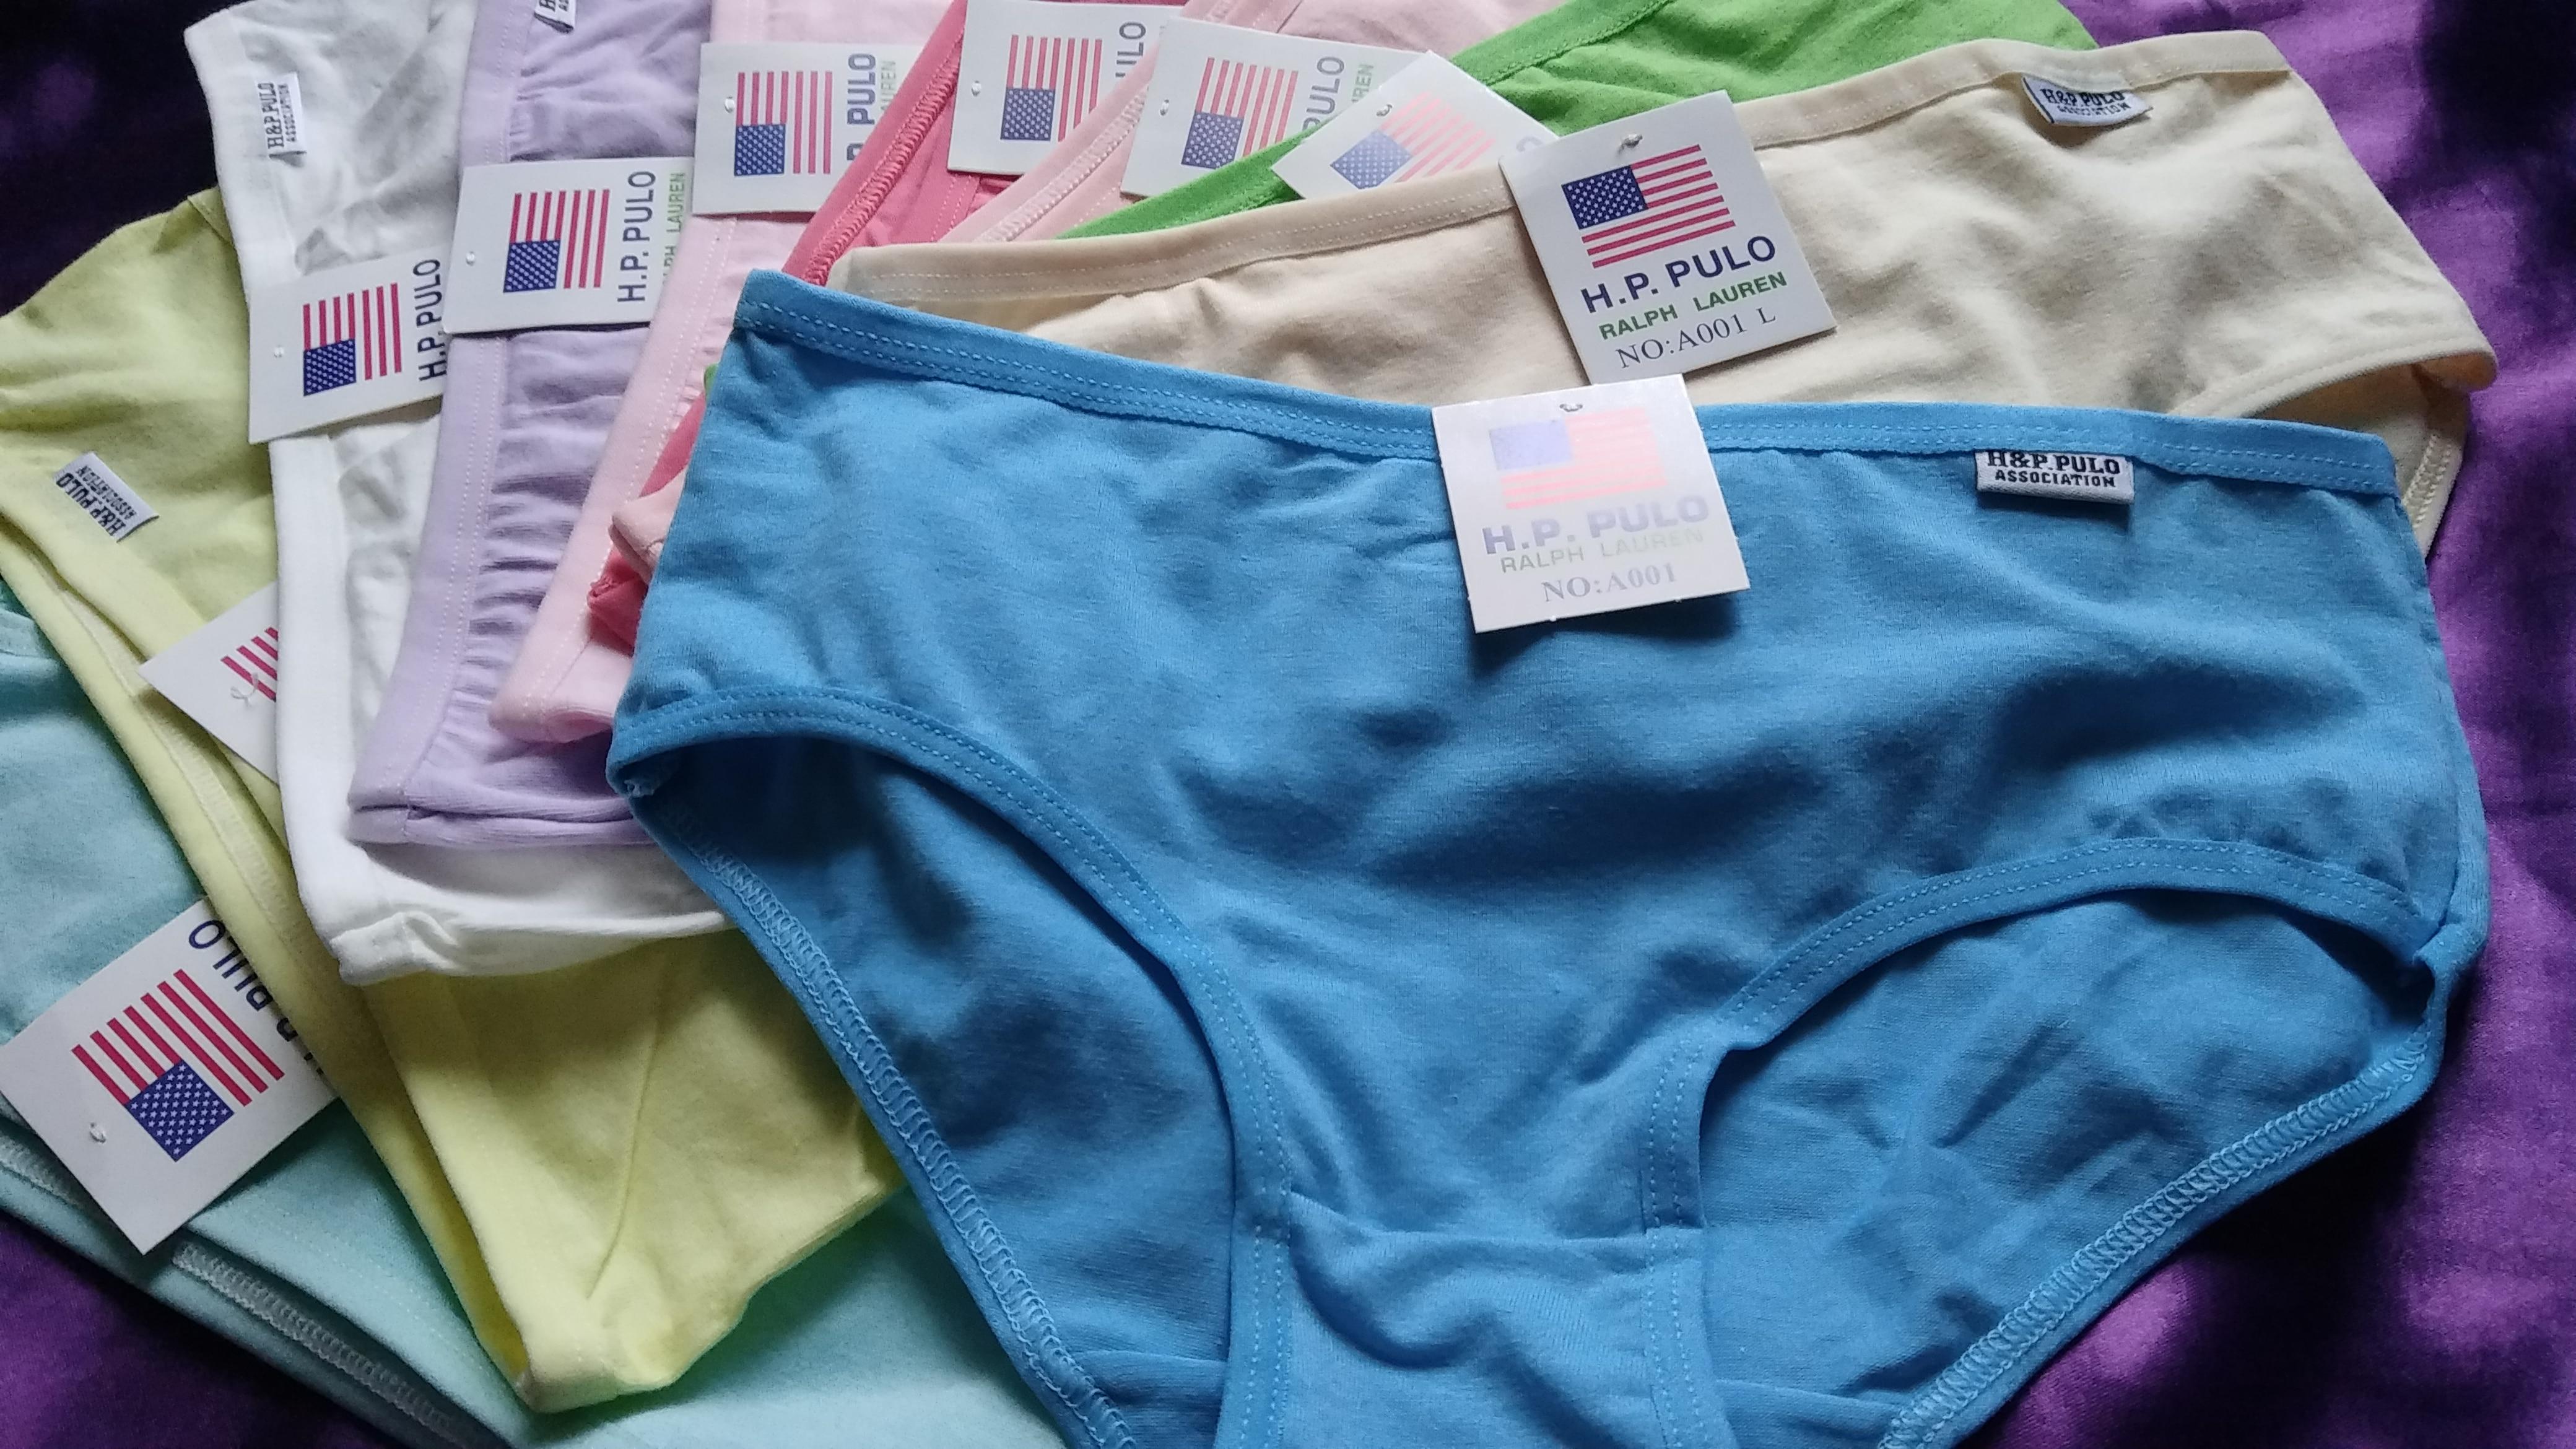 10Pcs Girls's Cotton Blend Panties Briefs Lingerie Shorts For Women Ladies Girls photo review